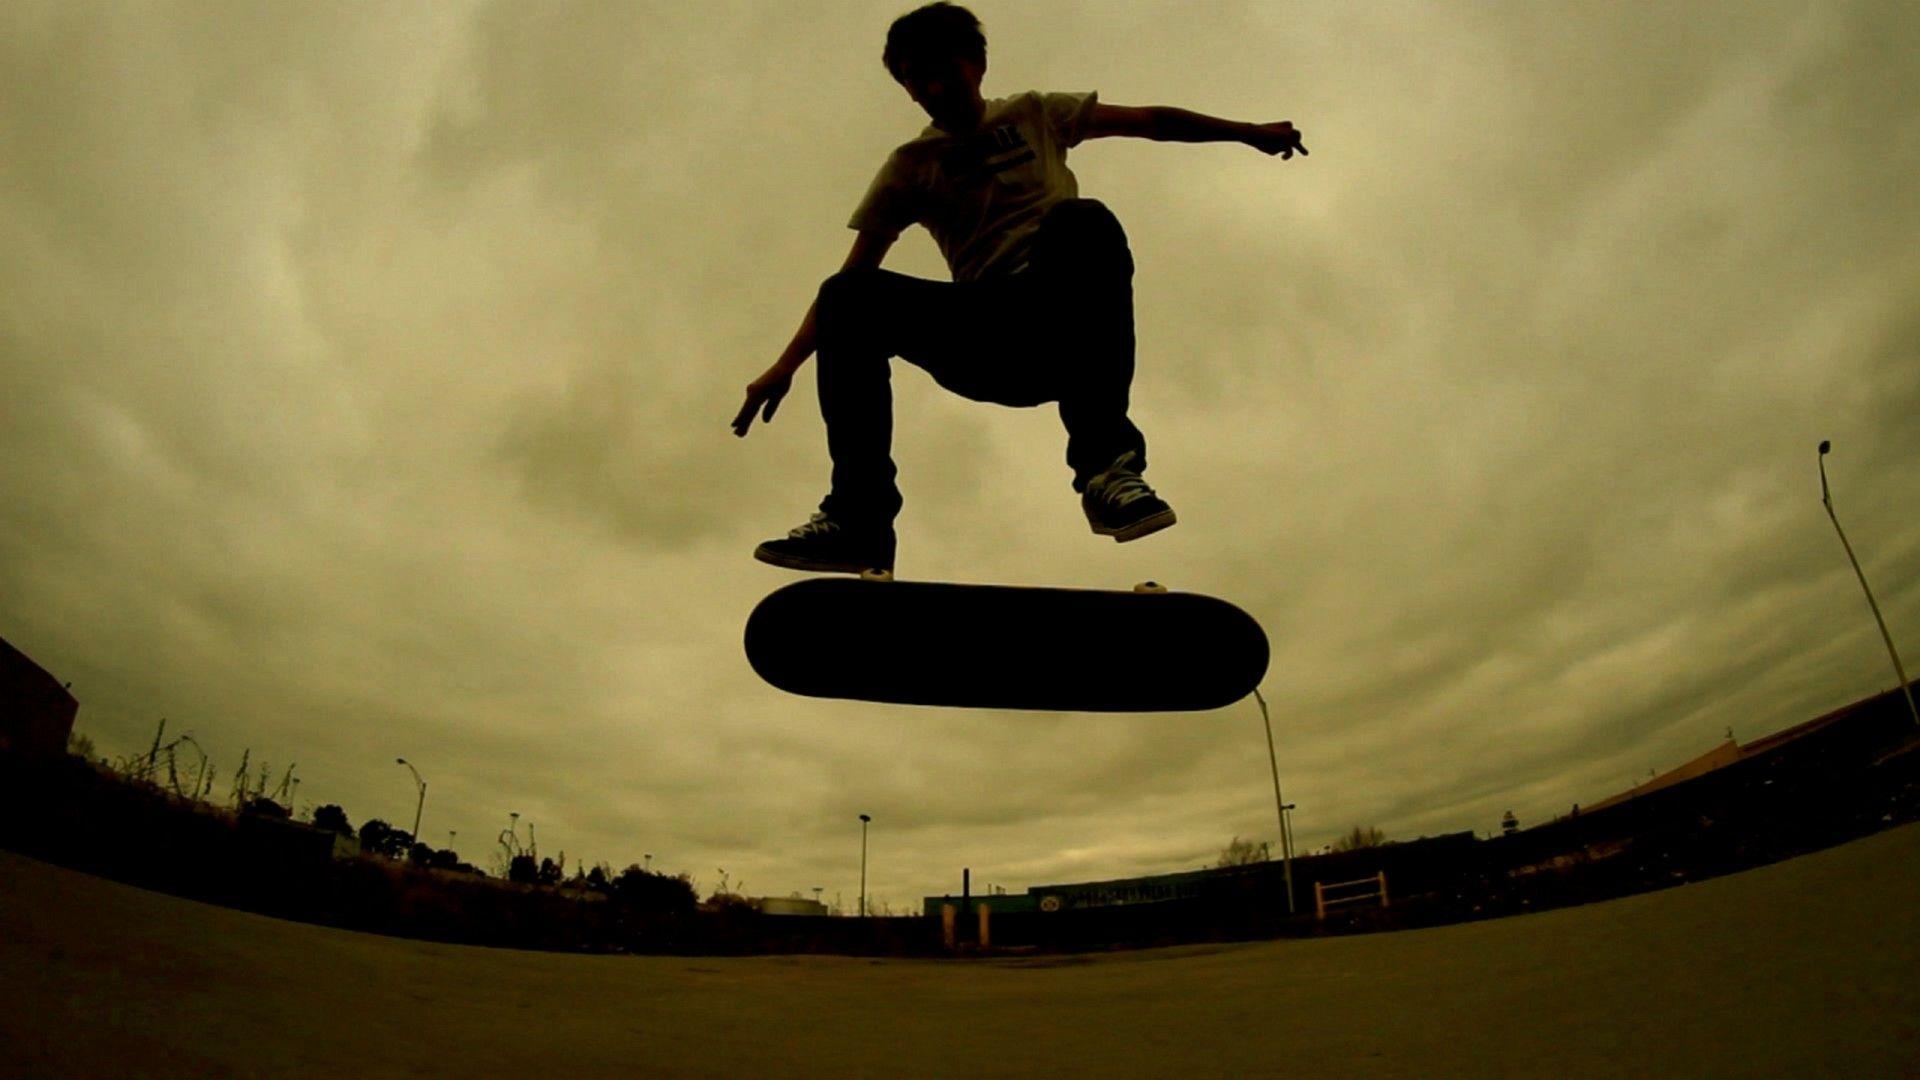 skateboard wallpaper hd in 2019 Skateboard images